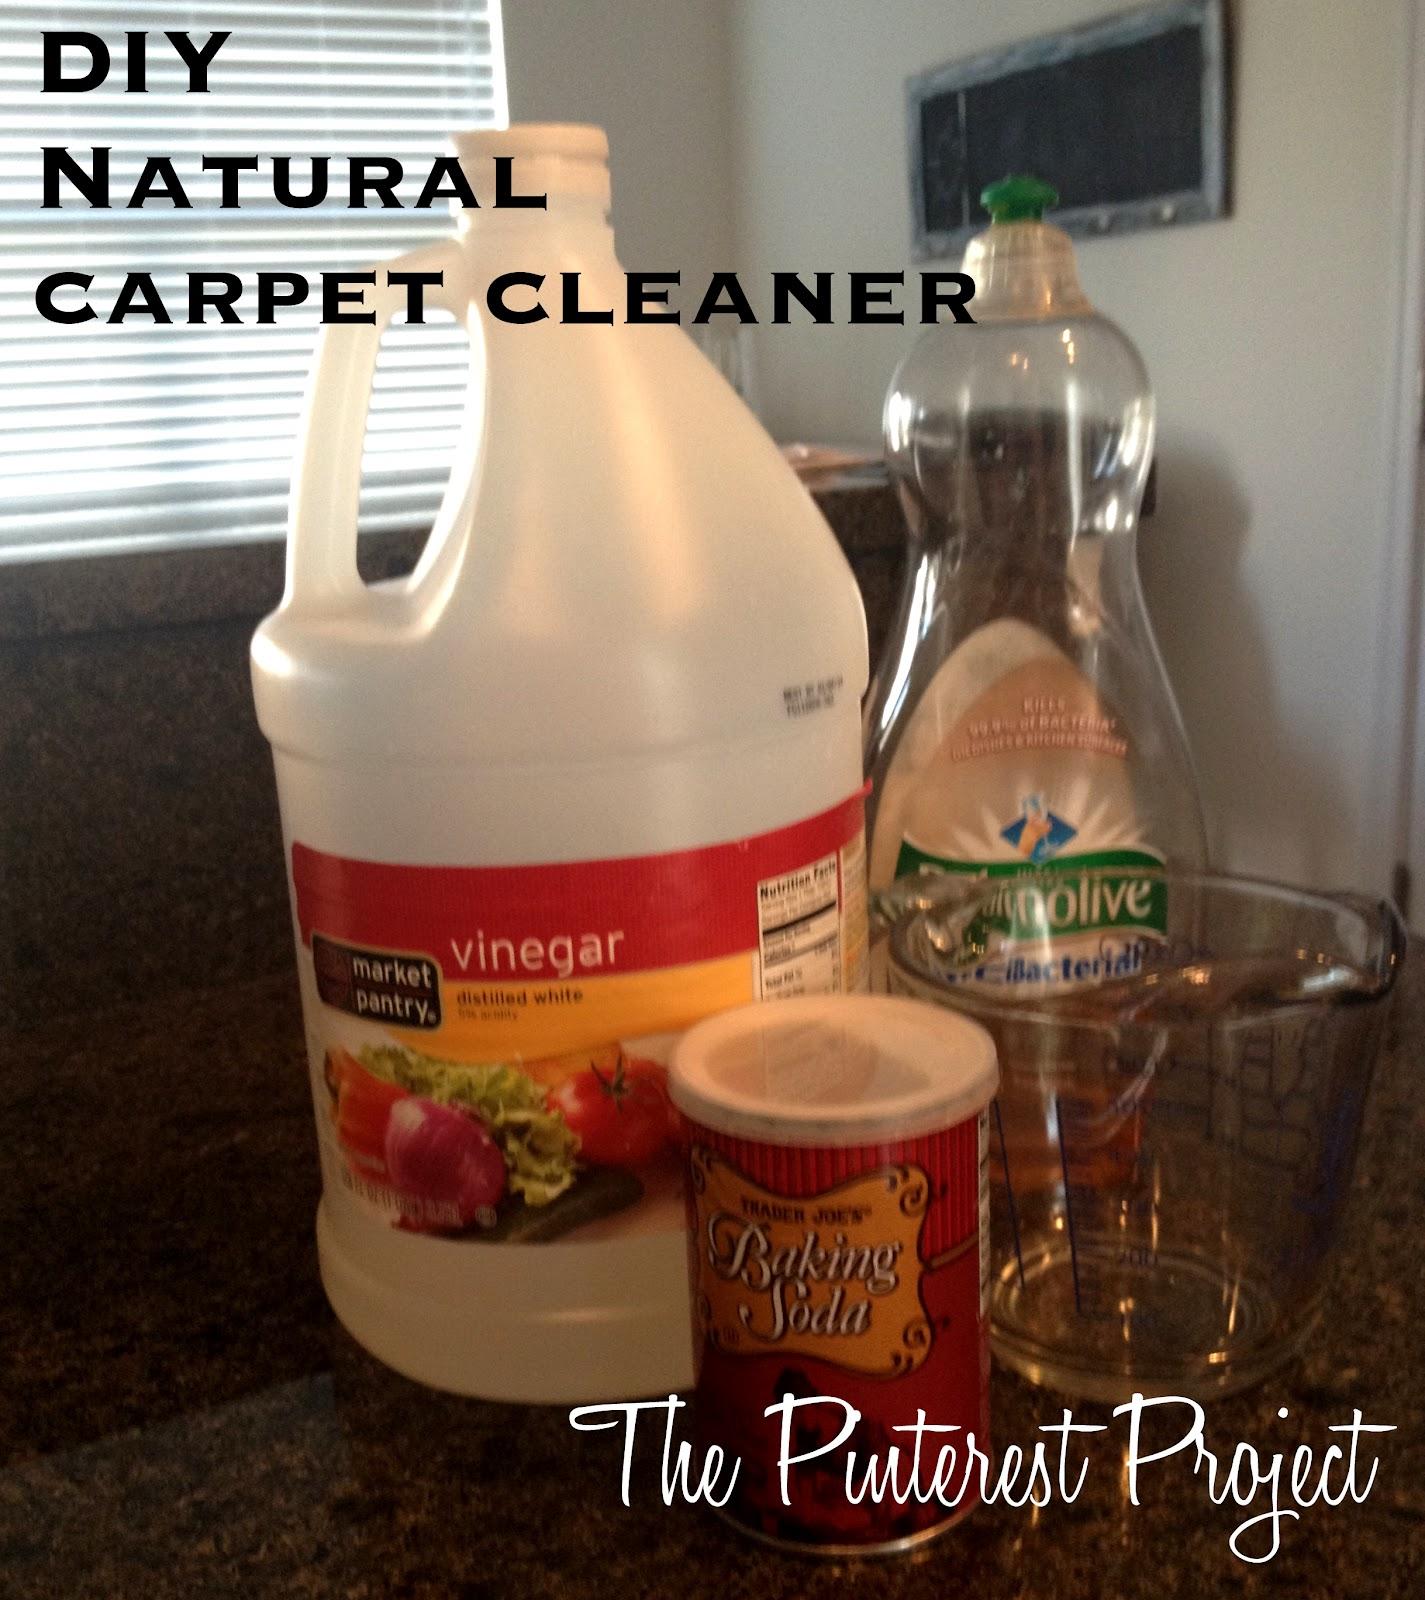 DIY Natural Carpet Cleaner